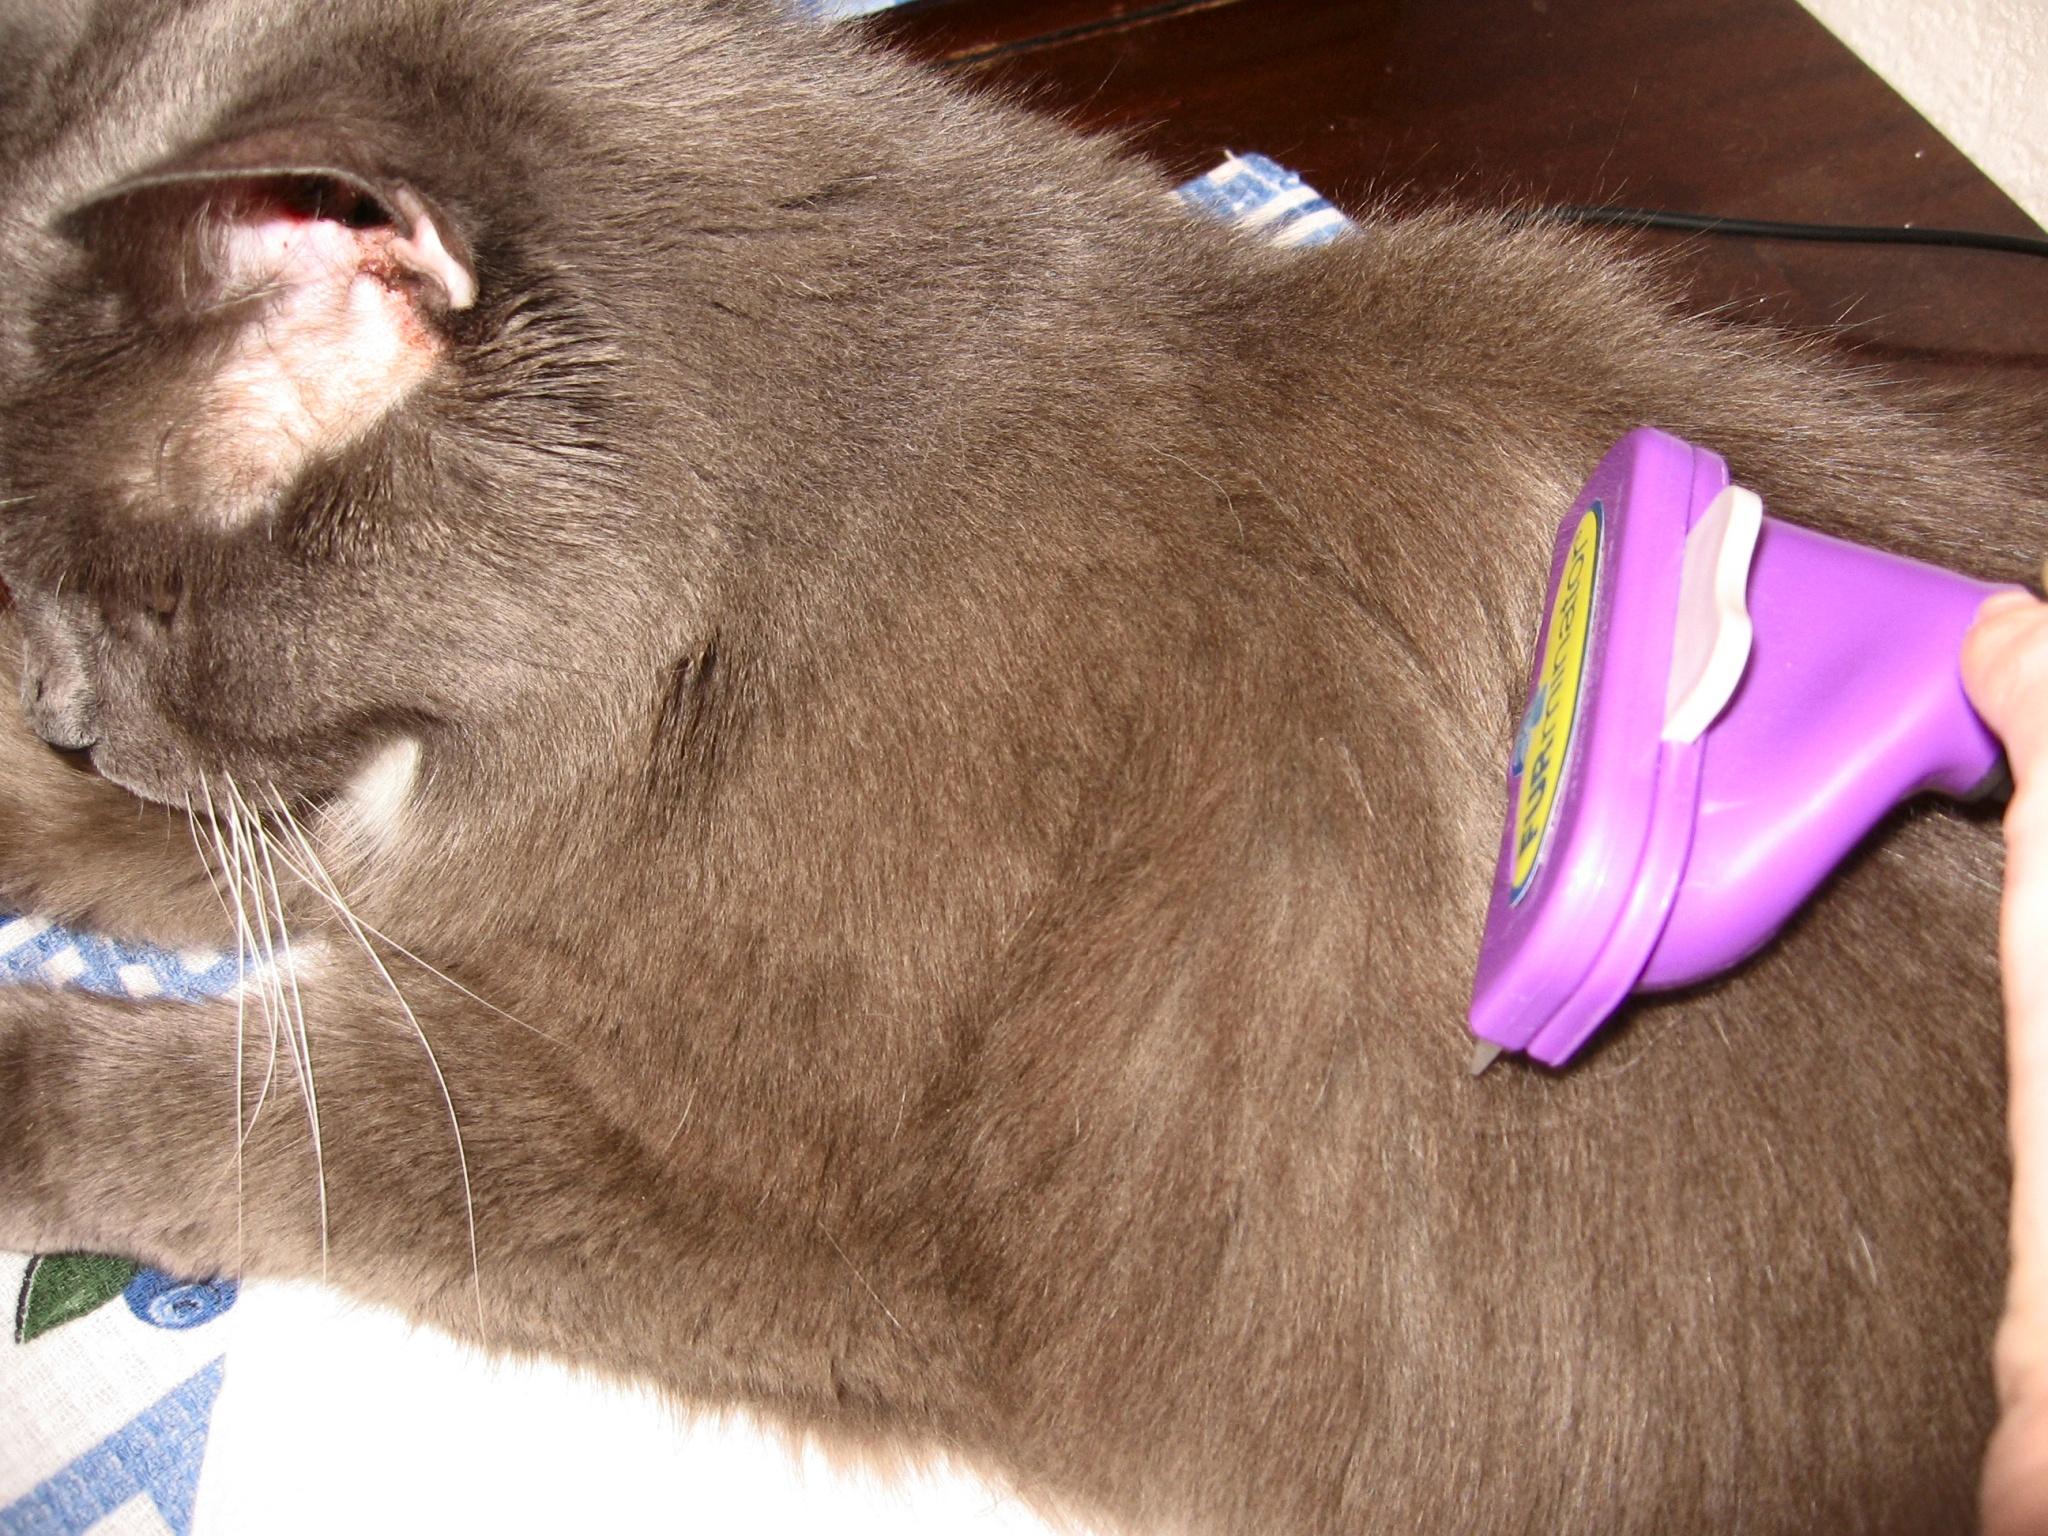 потом, фурминатор для кошек фото до и после неклюдов числится